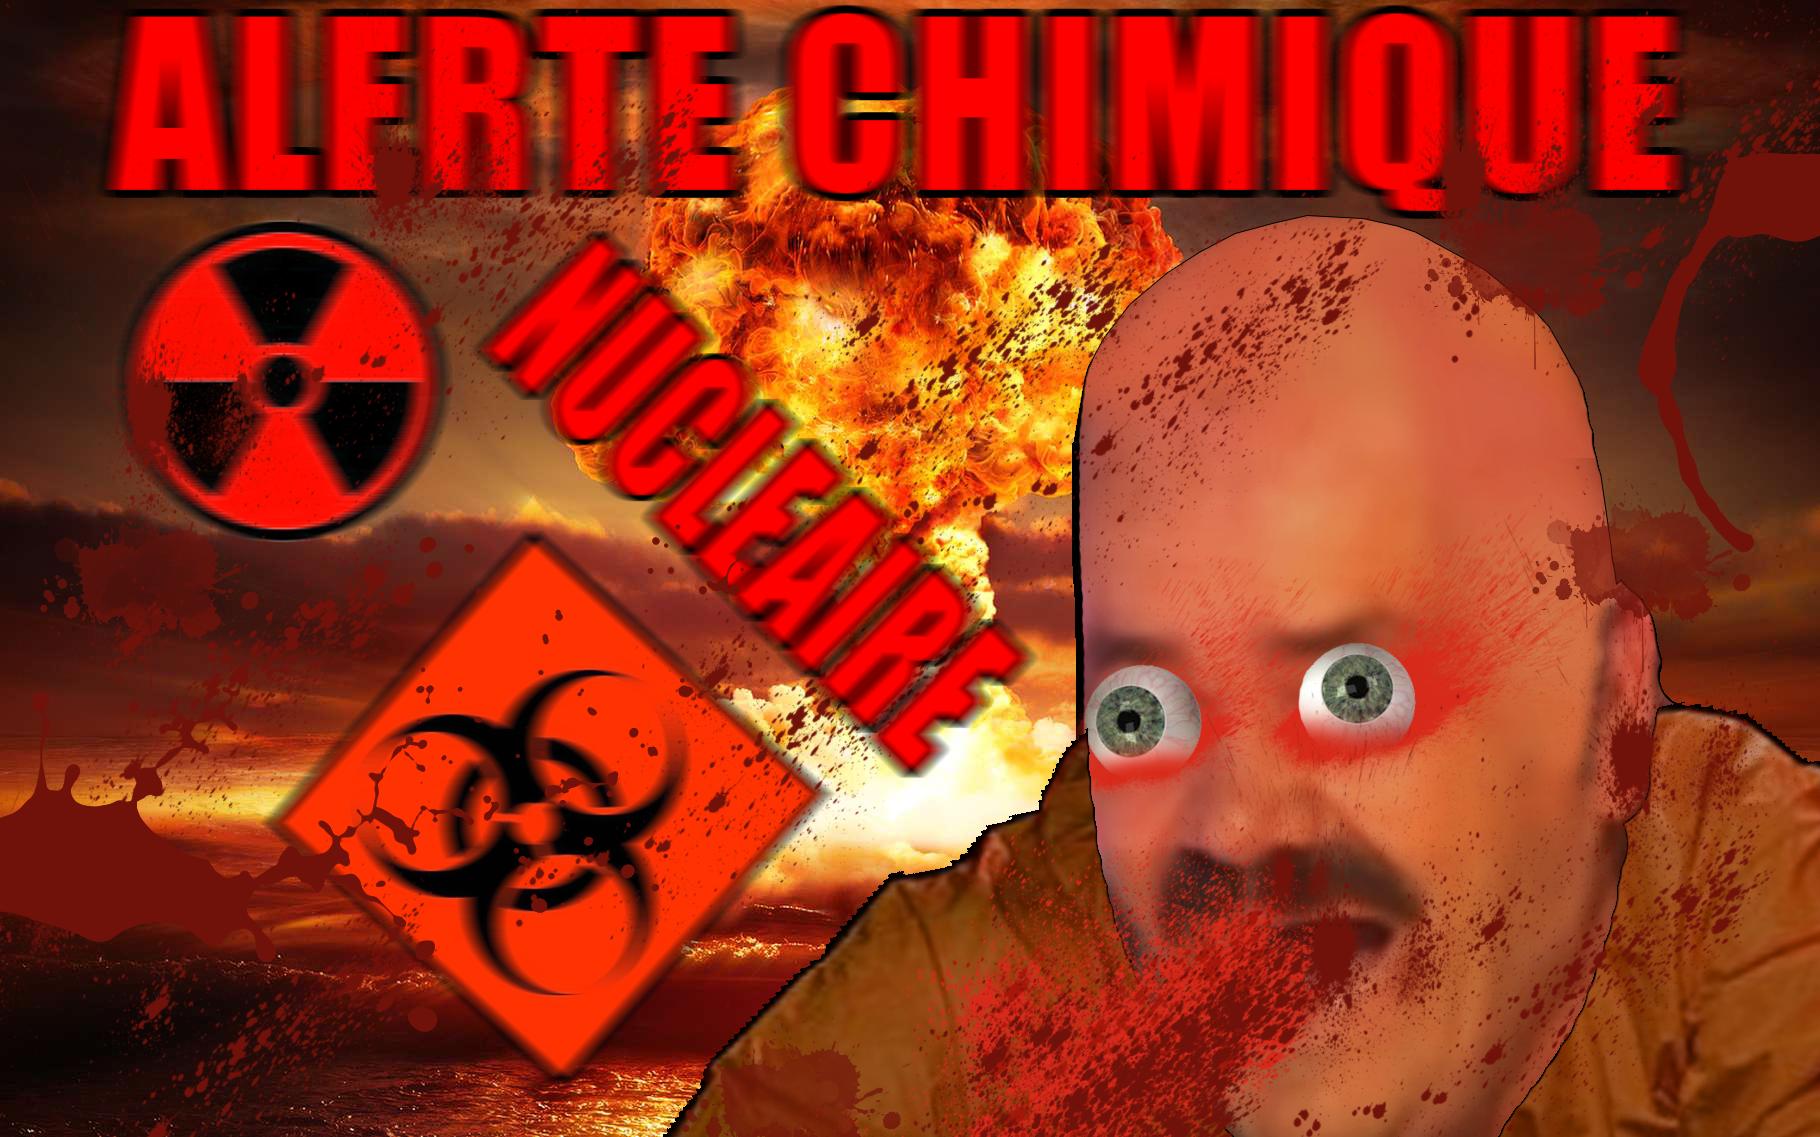 Sticker alerte chimique nucleaire hazmat malade sang